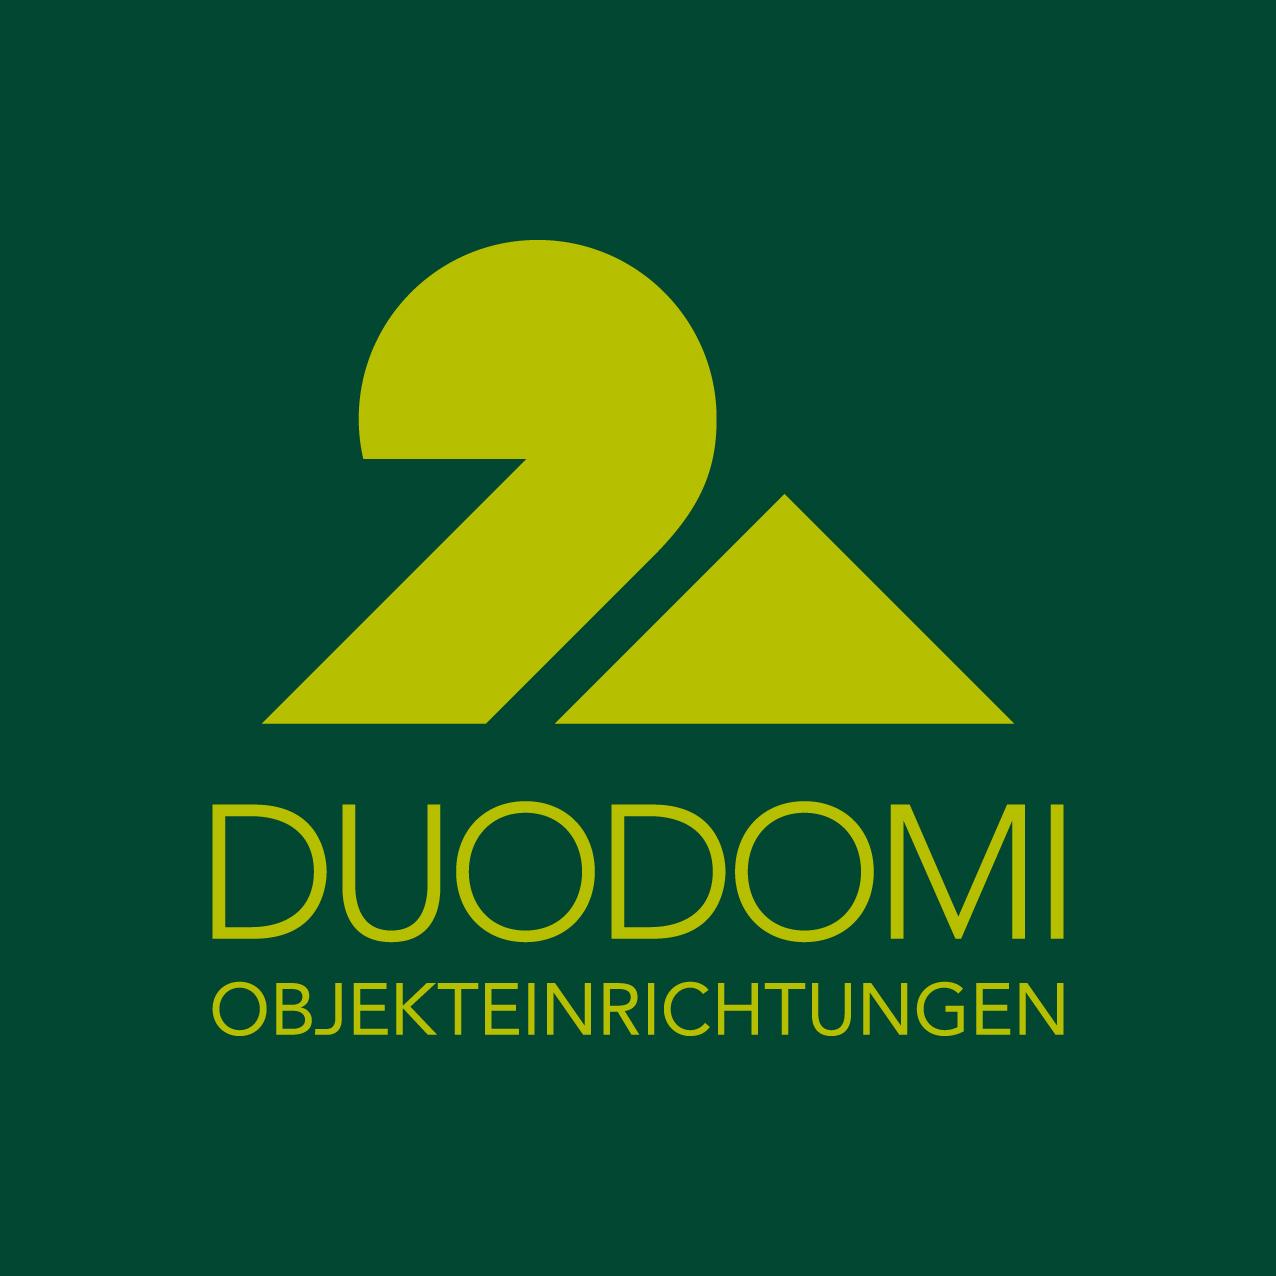 DUODOMI - Objekteinrichtungen